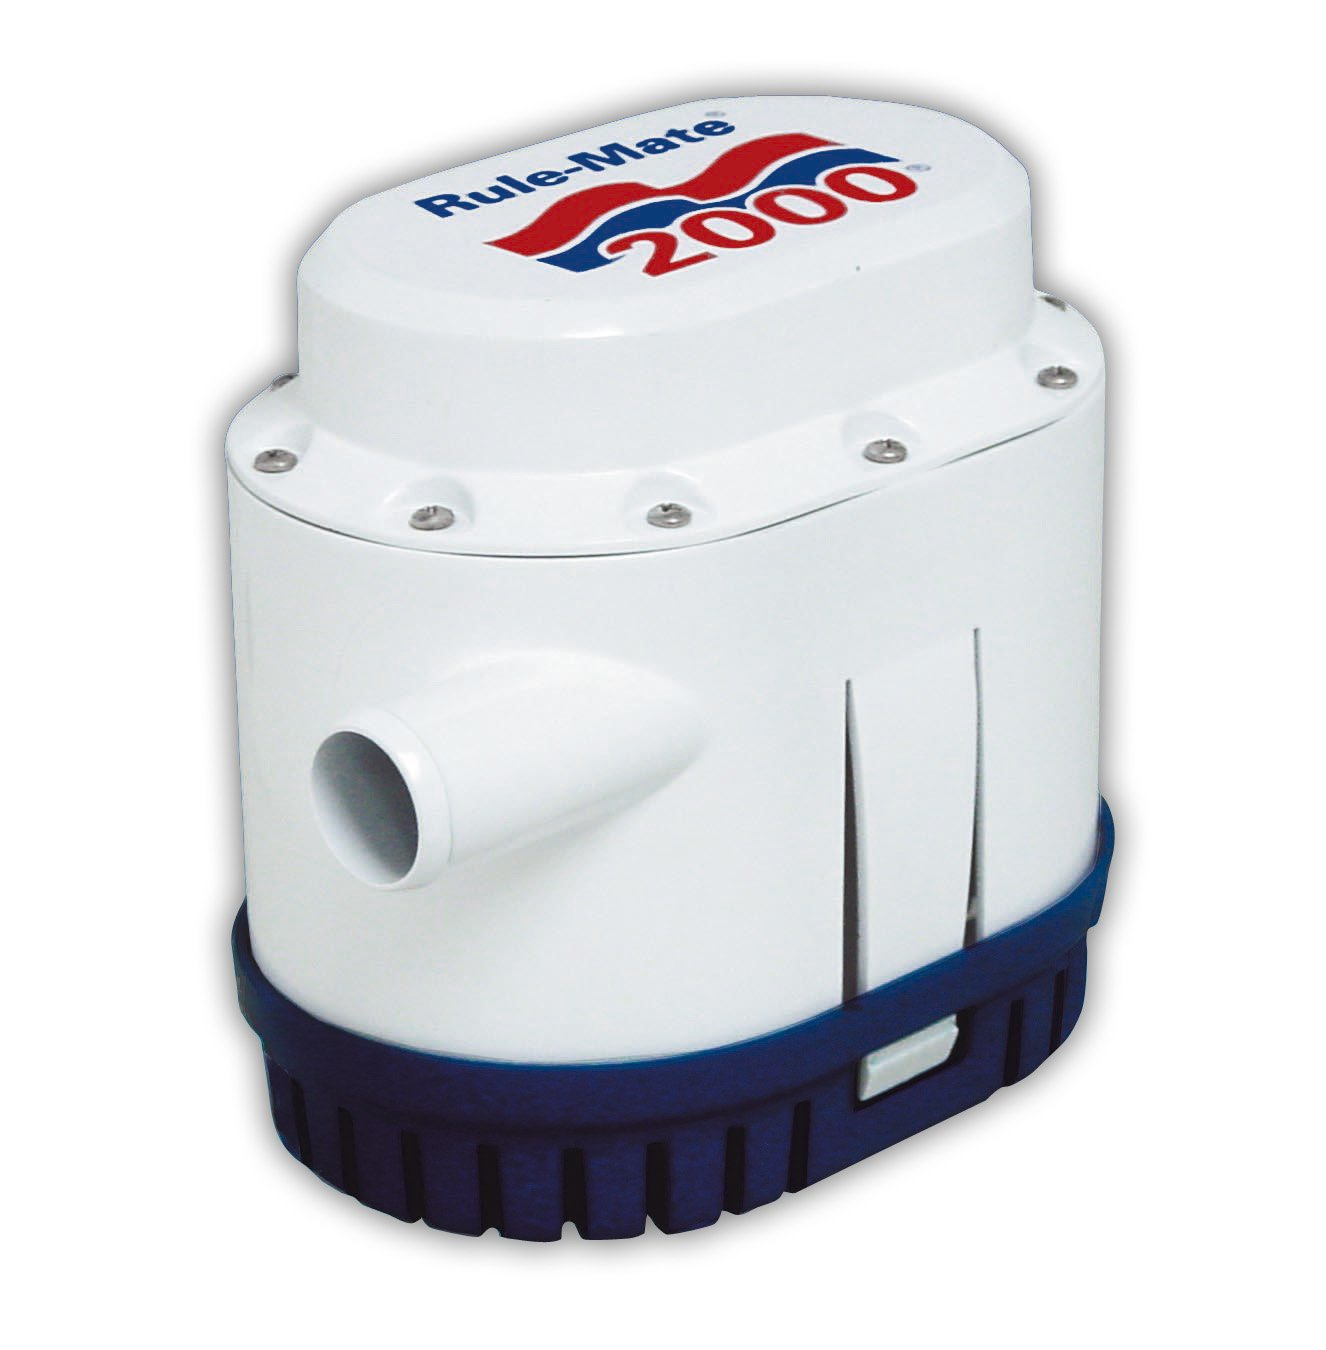 Rule-Mate Automatisierte Bilge Pumpe, Keine Schwimmerschalter erforderlich, umweltfreundlich Wasser Sensing